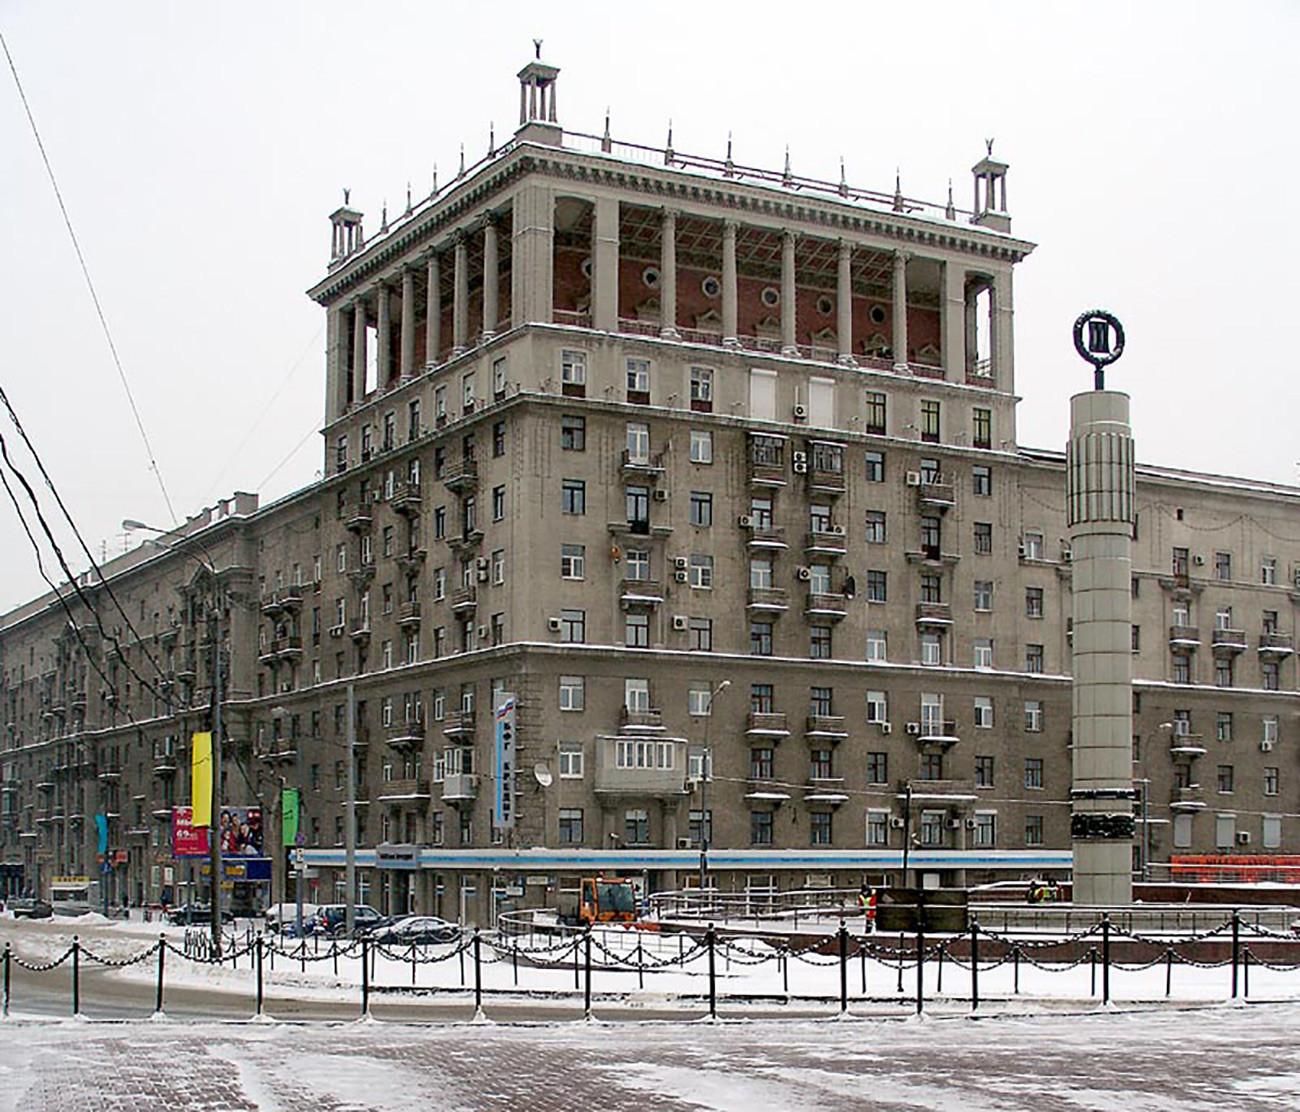 Stanovanjska zgradba na Kutuzovskem prospektu 35 v Moskvi (fotografija iz obdobja 1938-1941)